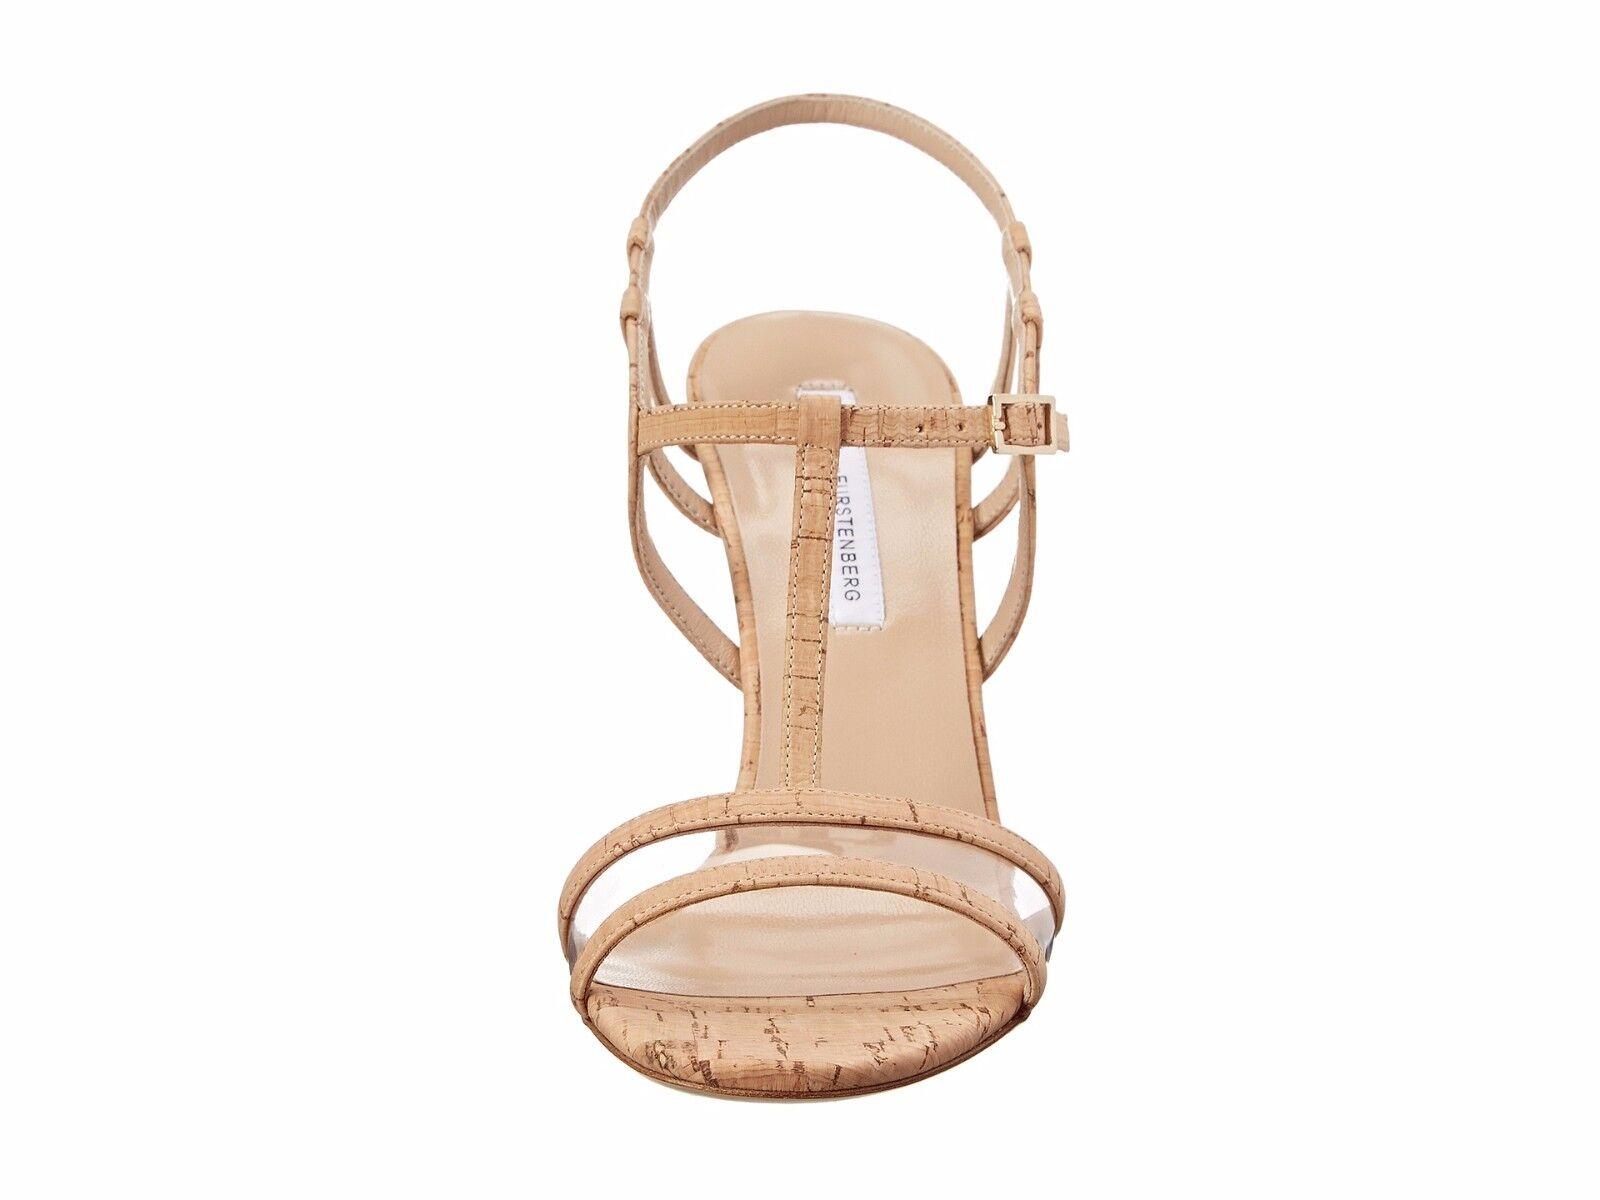 NWOB  Sz 9 M $350 Diane von Furstenberg Viola Too evening Stiletto Cork